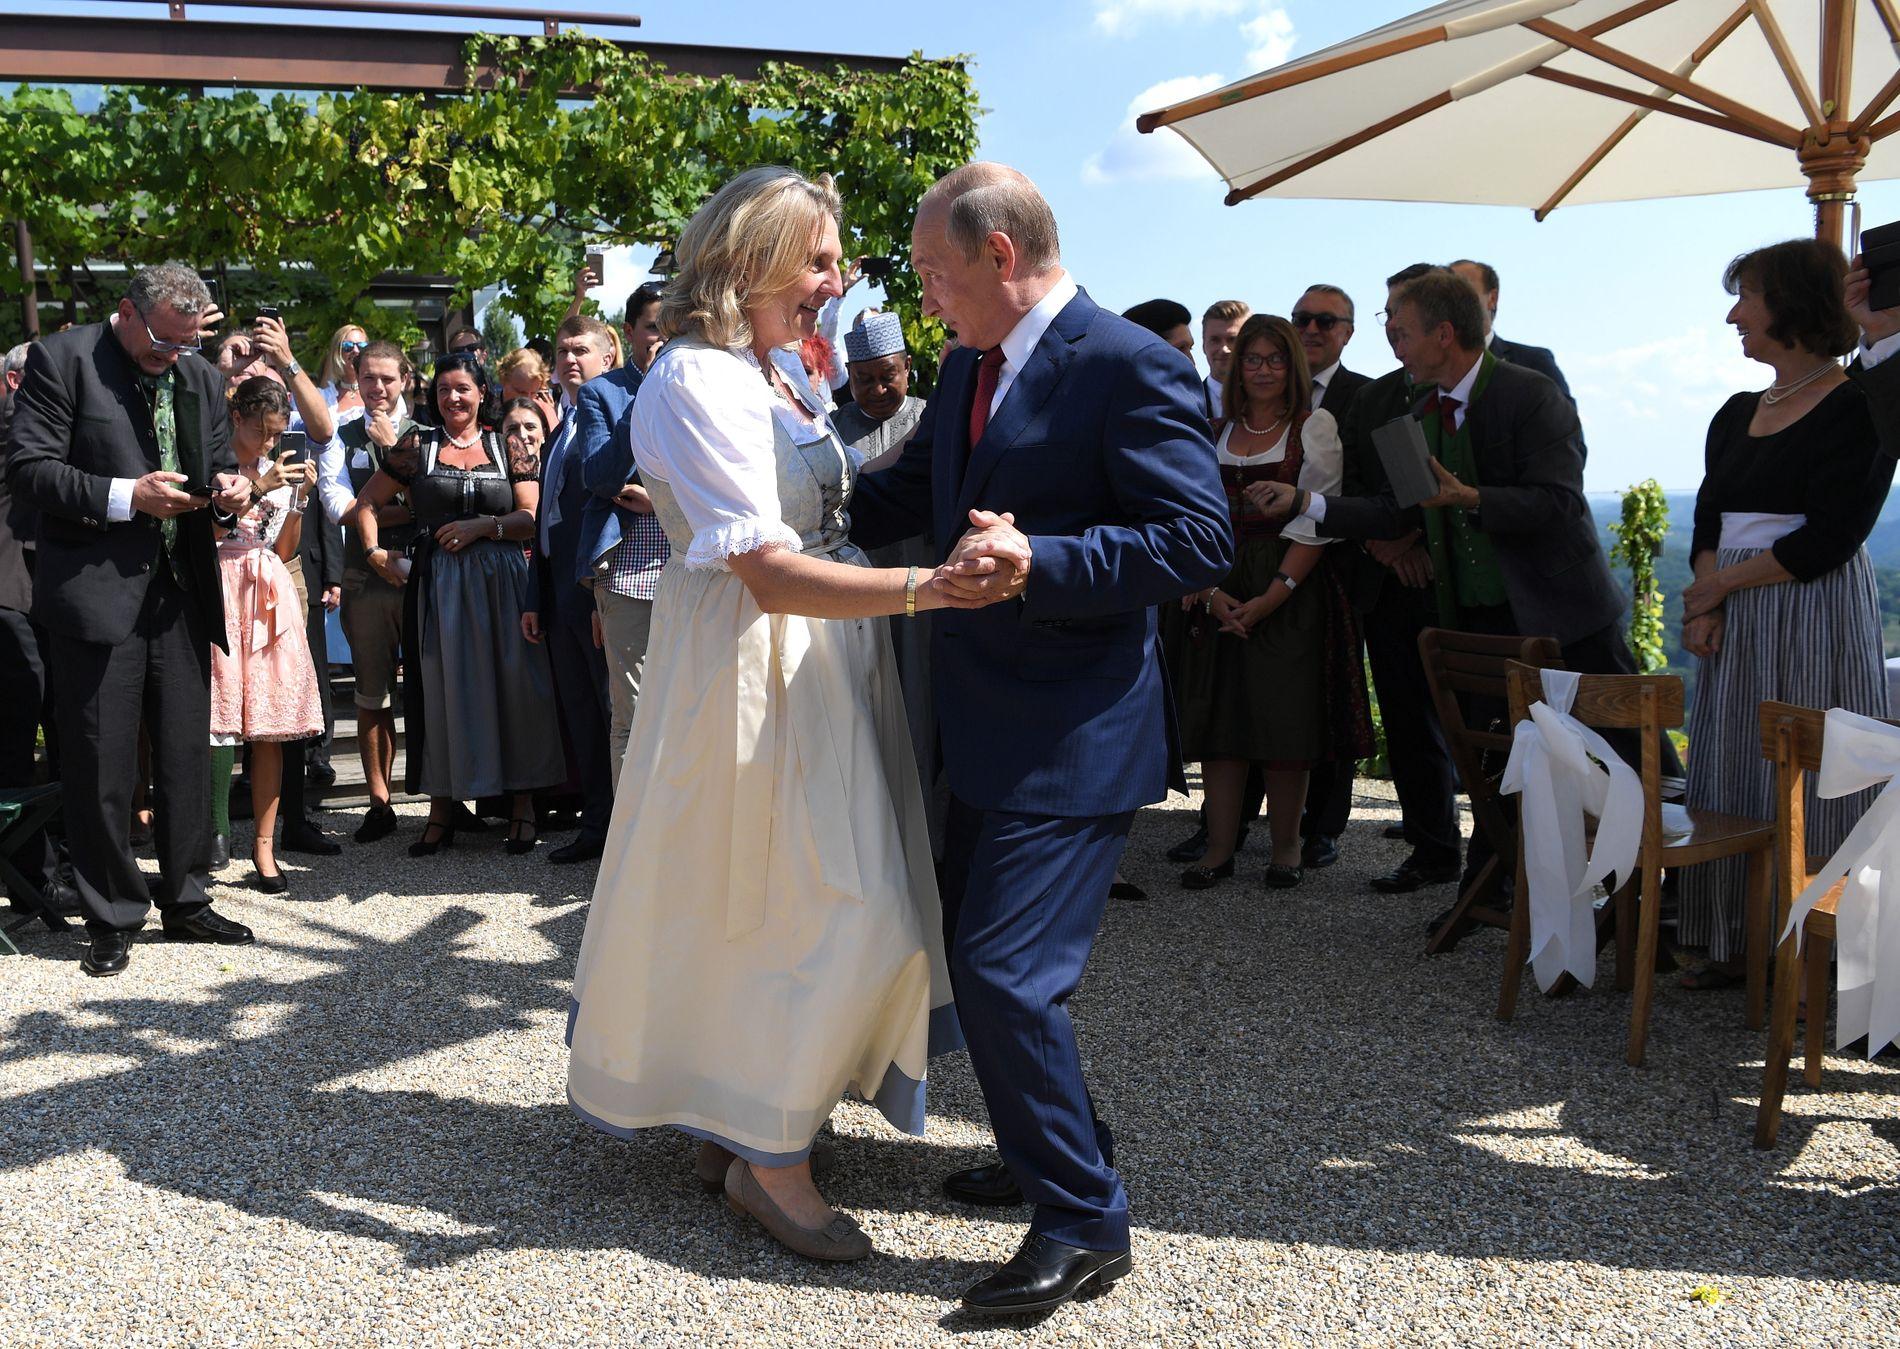 BRUDEVALS: Vladimir Putin ble i fjor sommer invitert i bryllupet til Karin Kneissl, utenriksminister i Sebastian Kurz' sin regjering.